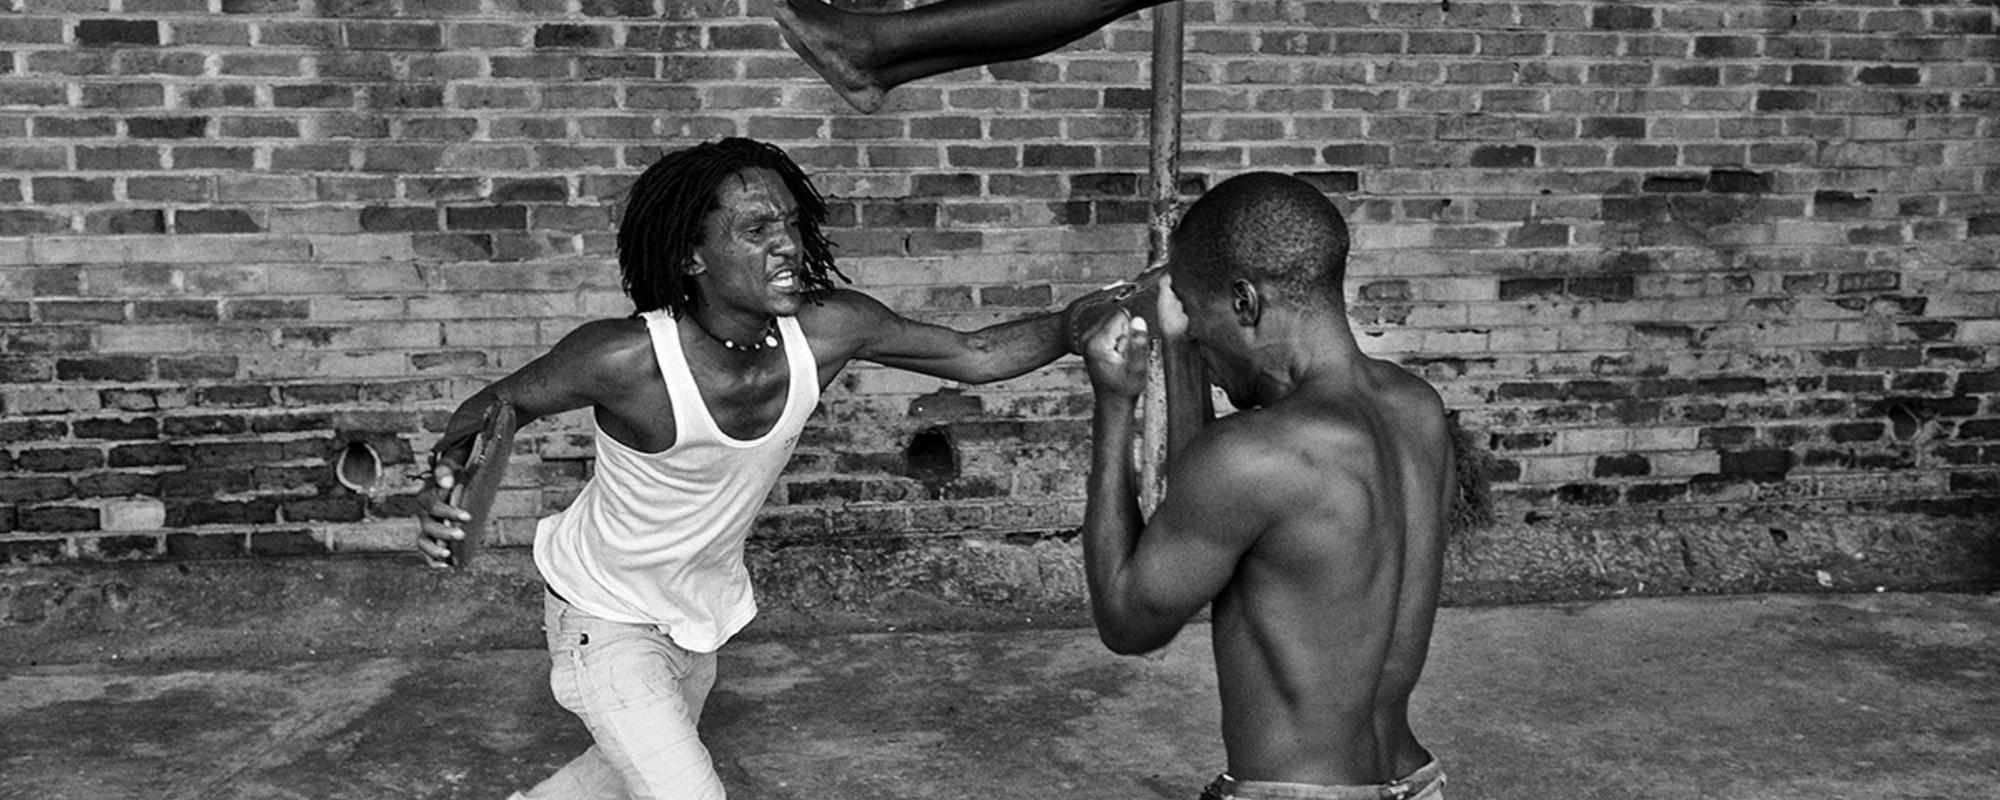 Een stampvolle gevangenis in Malawi